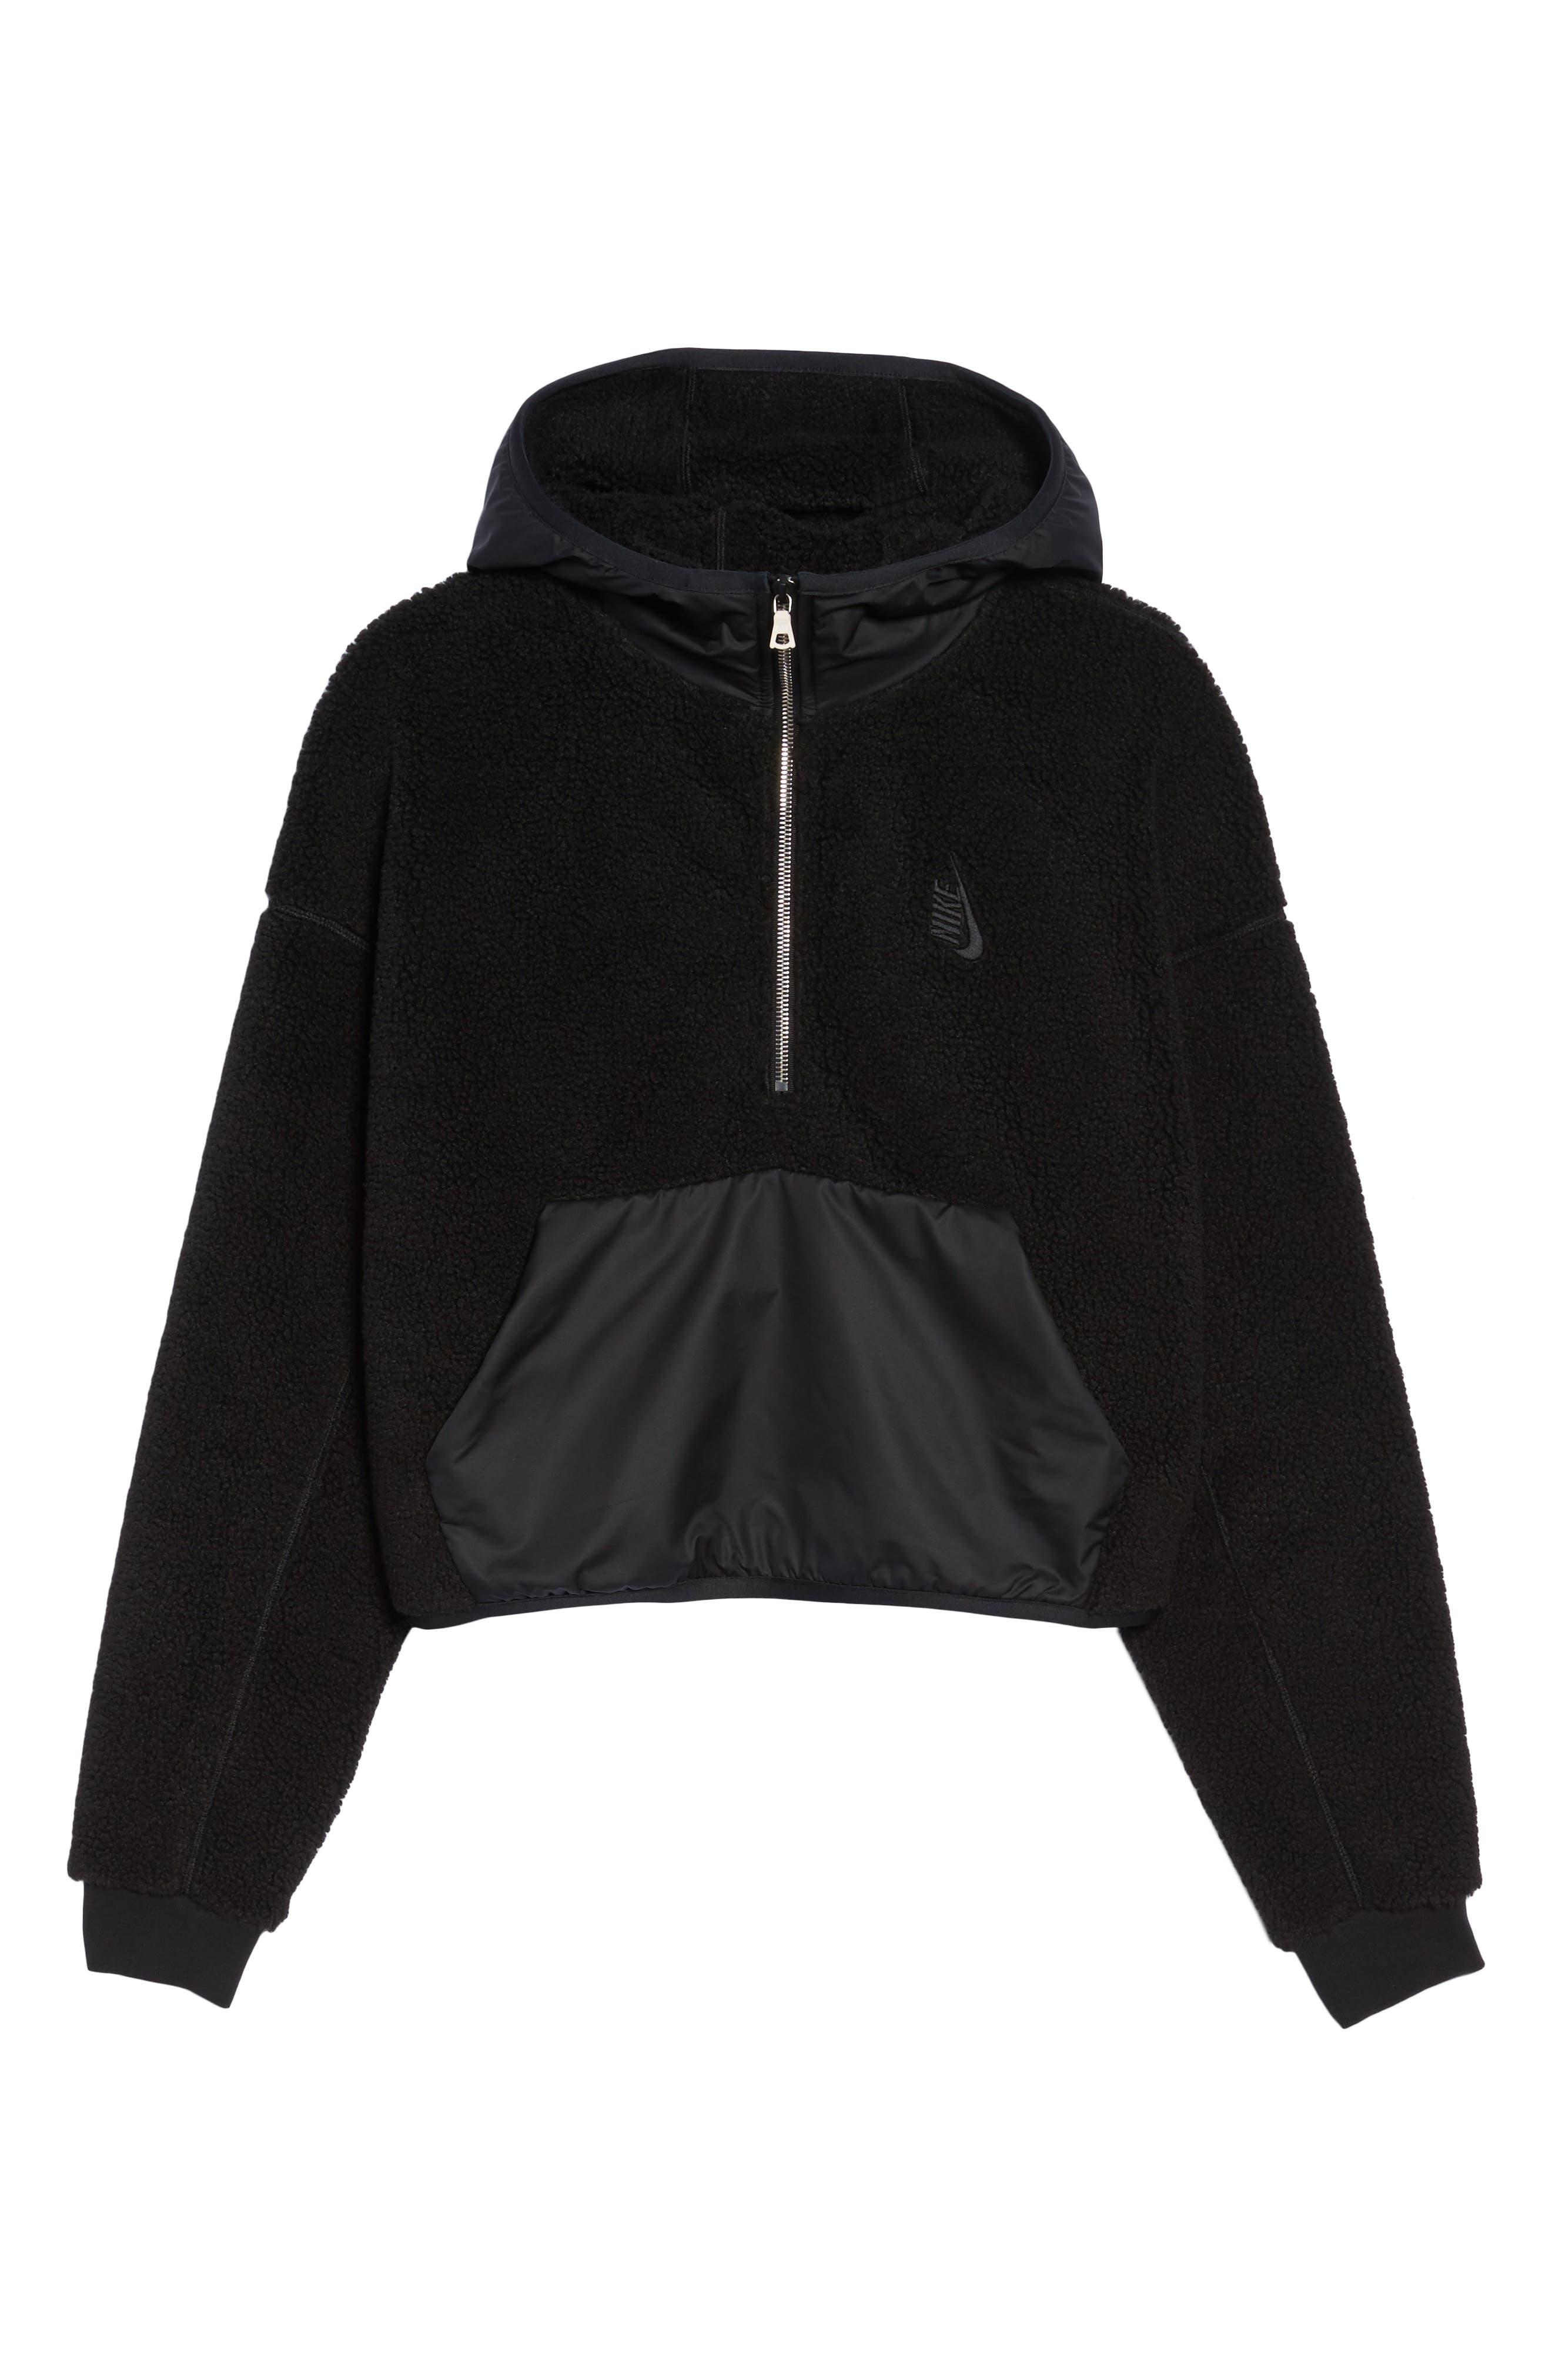 NikeLab Essential Half Zip Fleece Hoodie,                             Alternate thumbnail 7, color,                             010